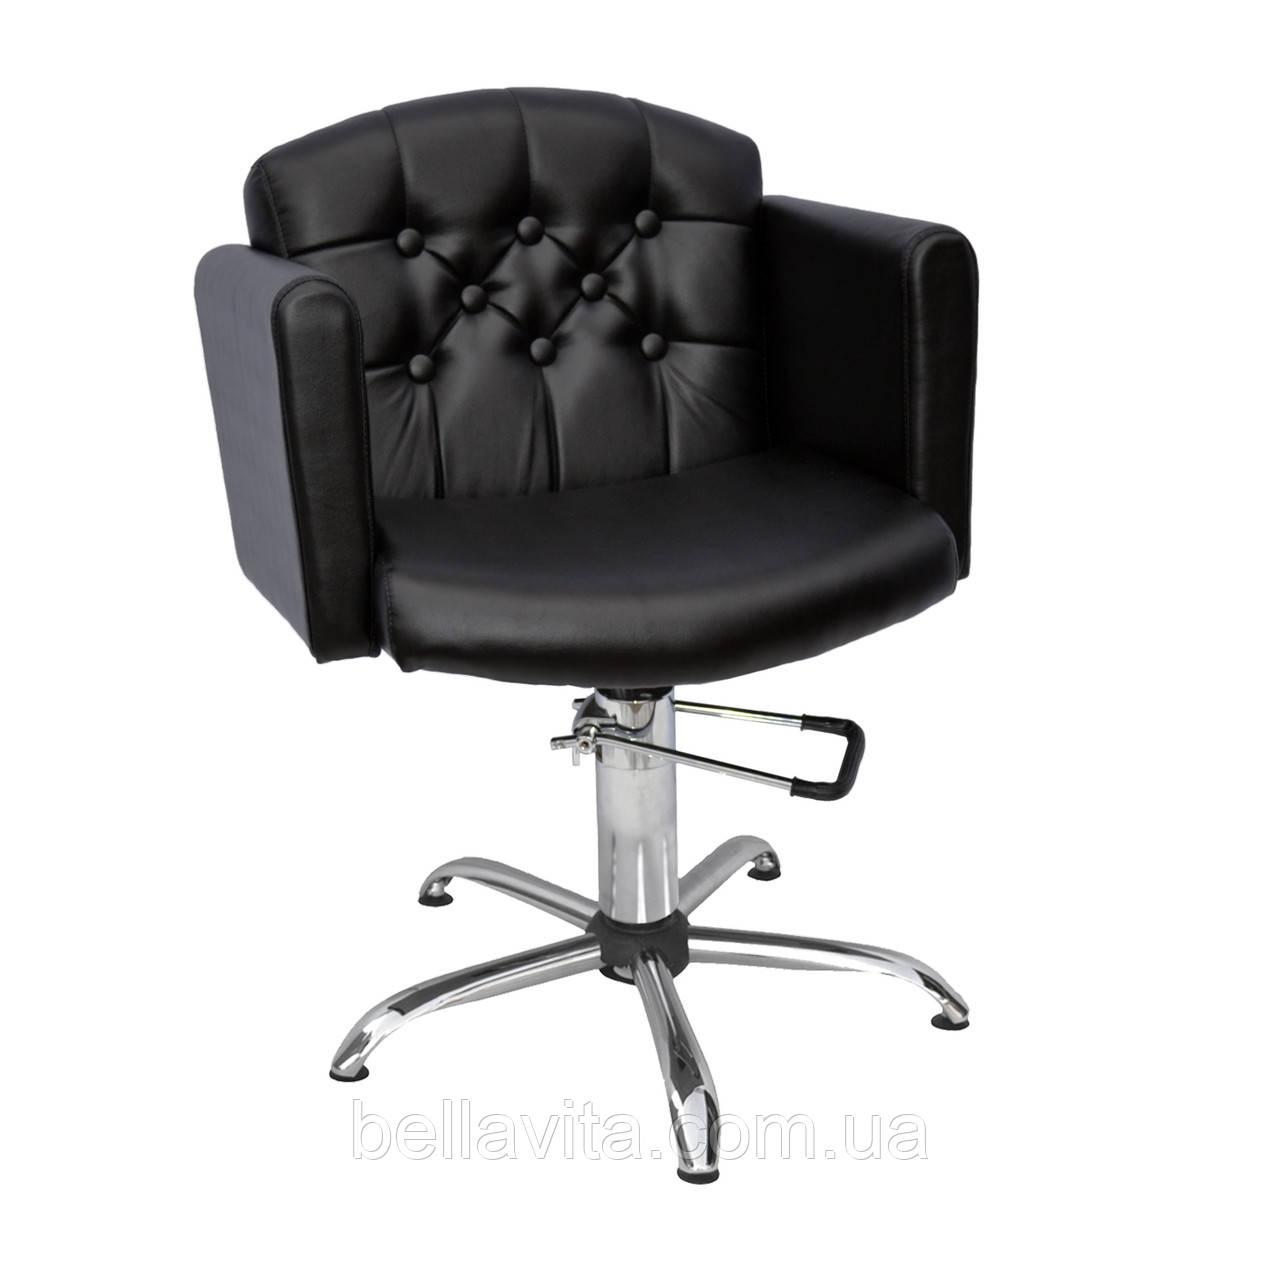 Парикмахерское кресло Ричард